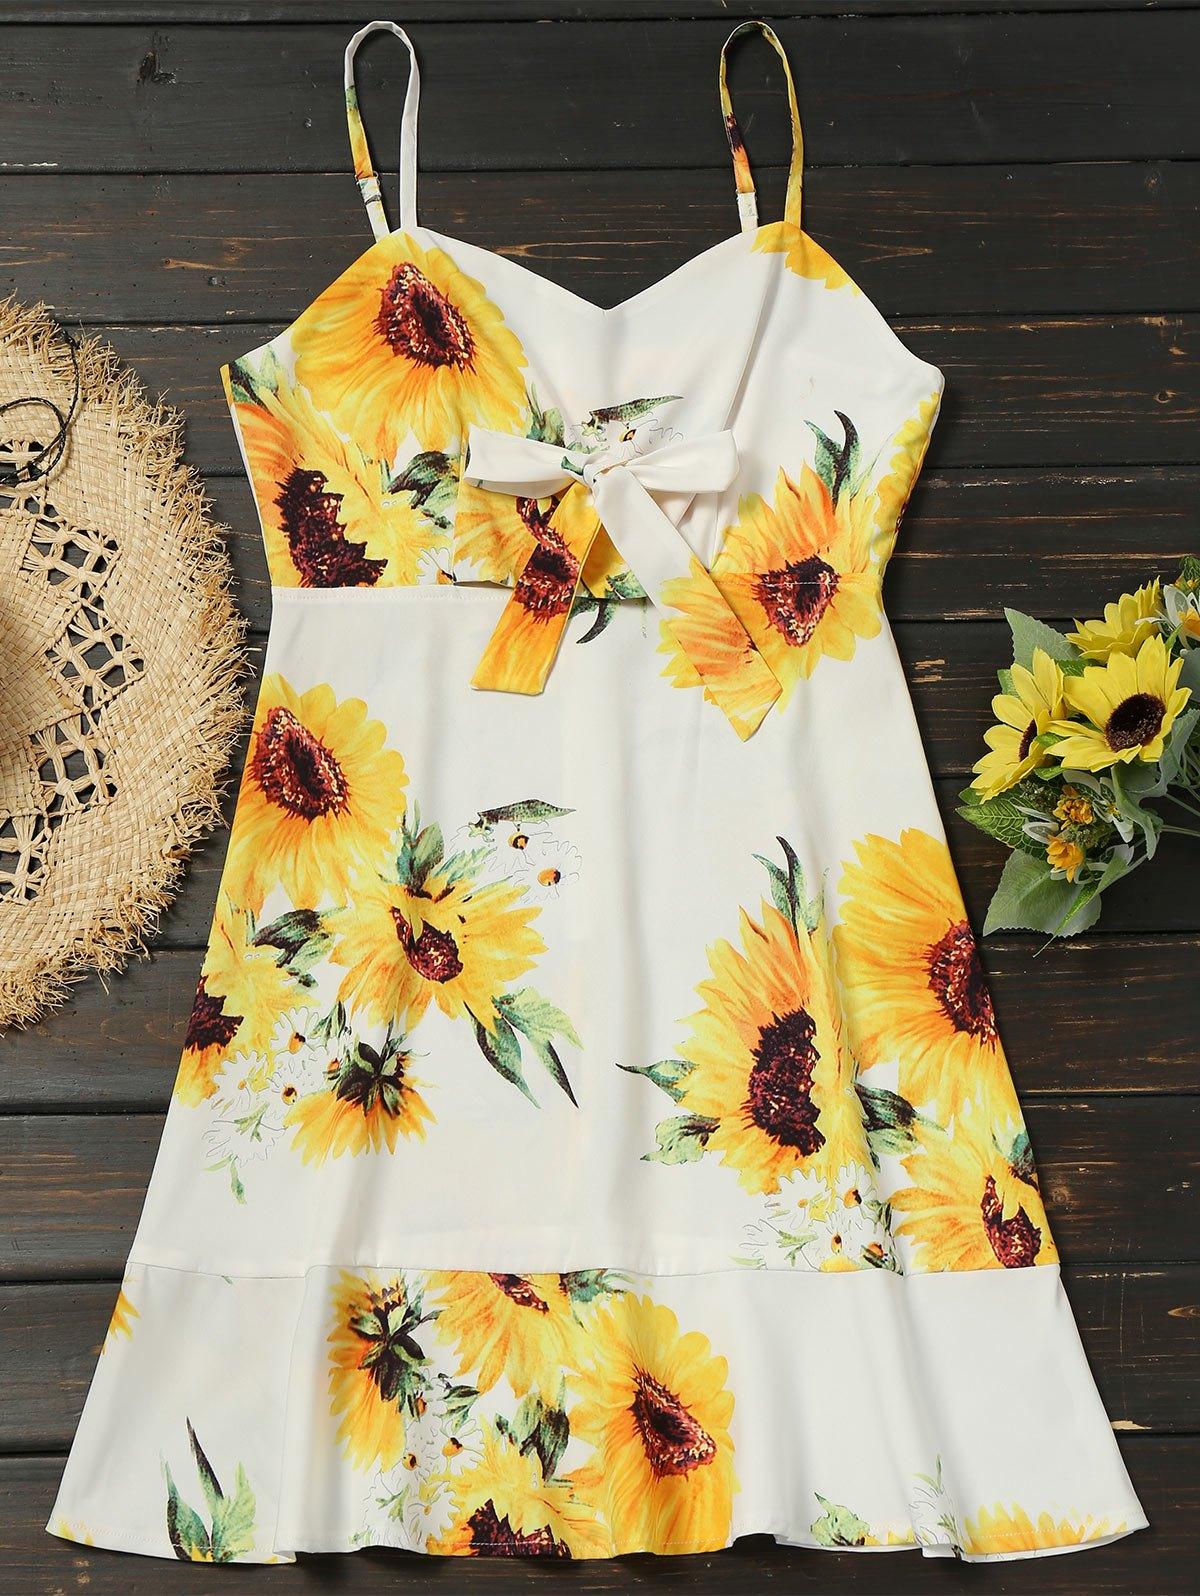 Empire Waist Bowknot Sunflower Cami Dress 245151002